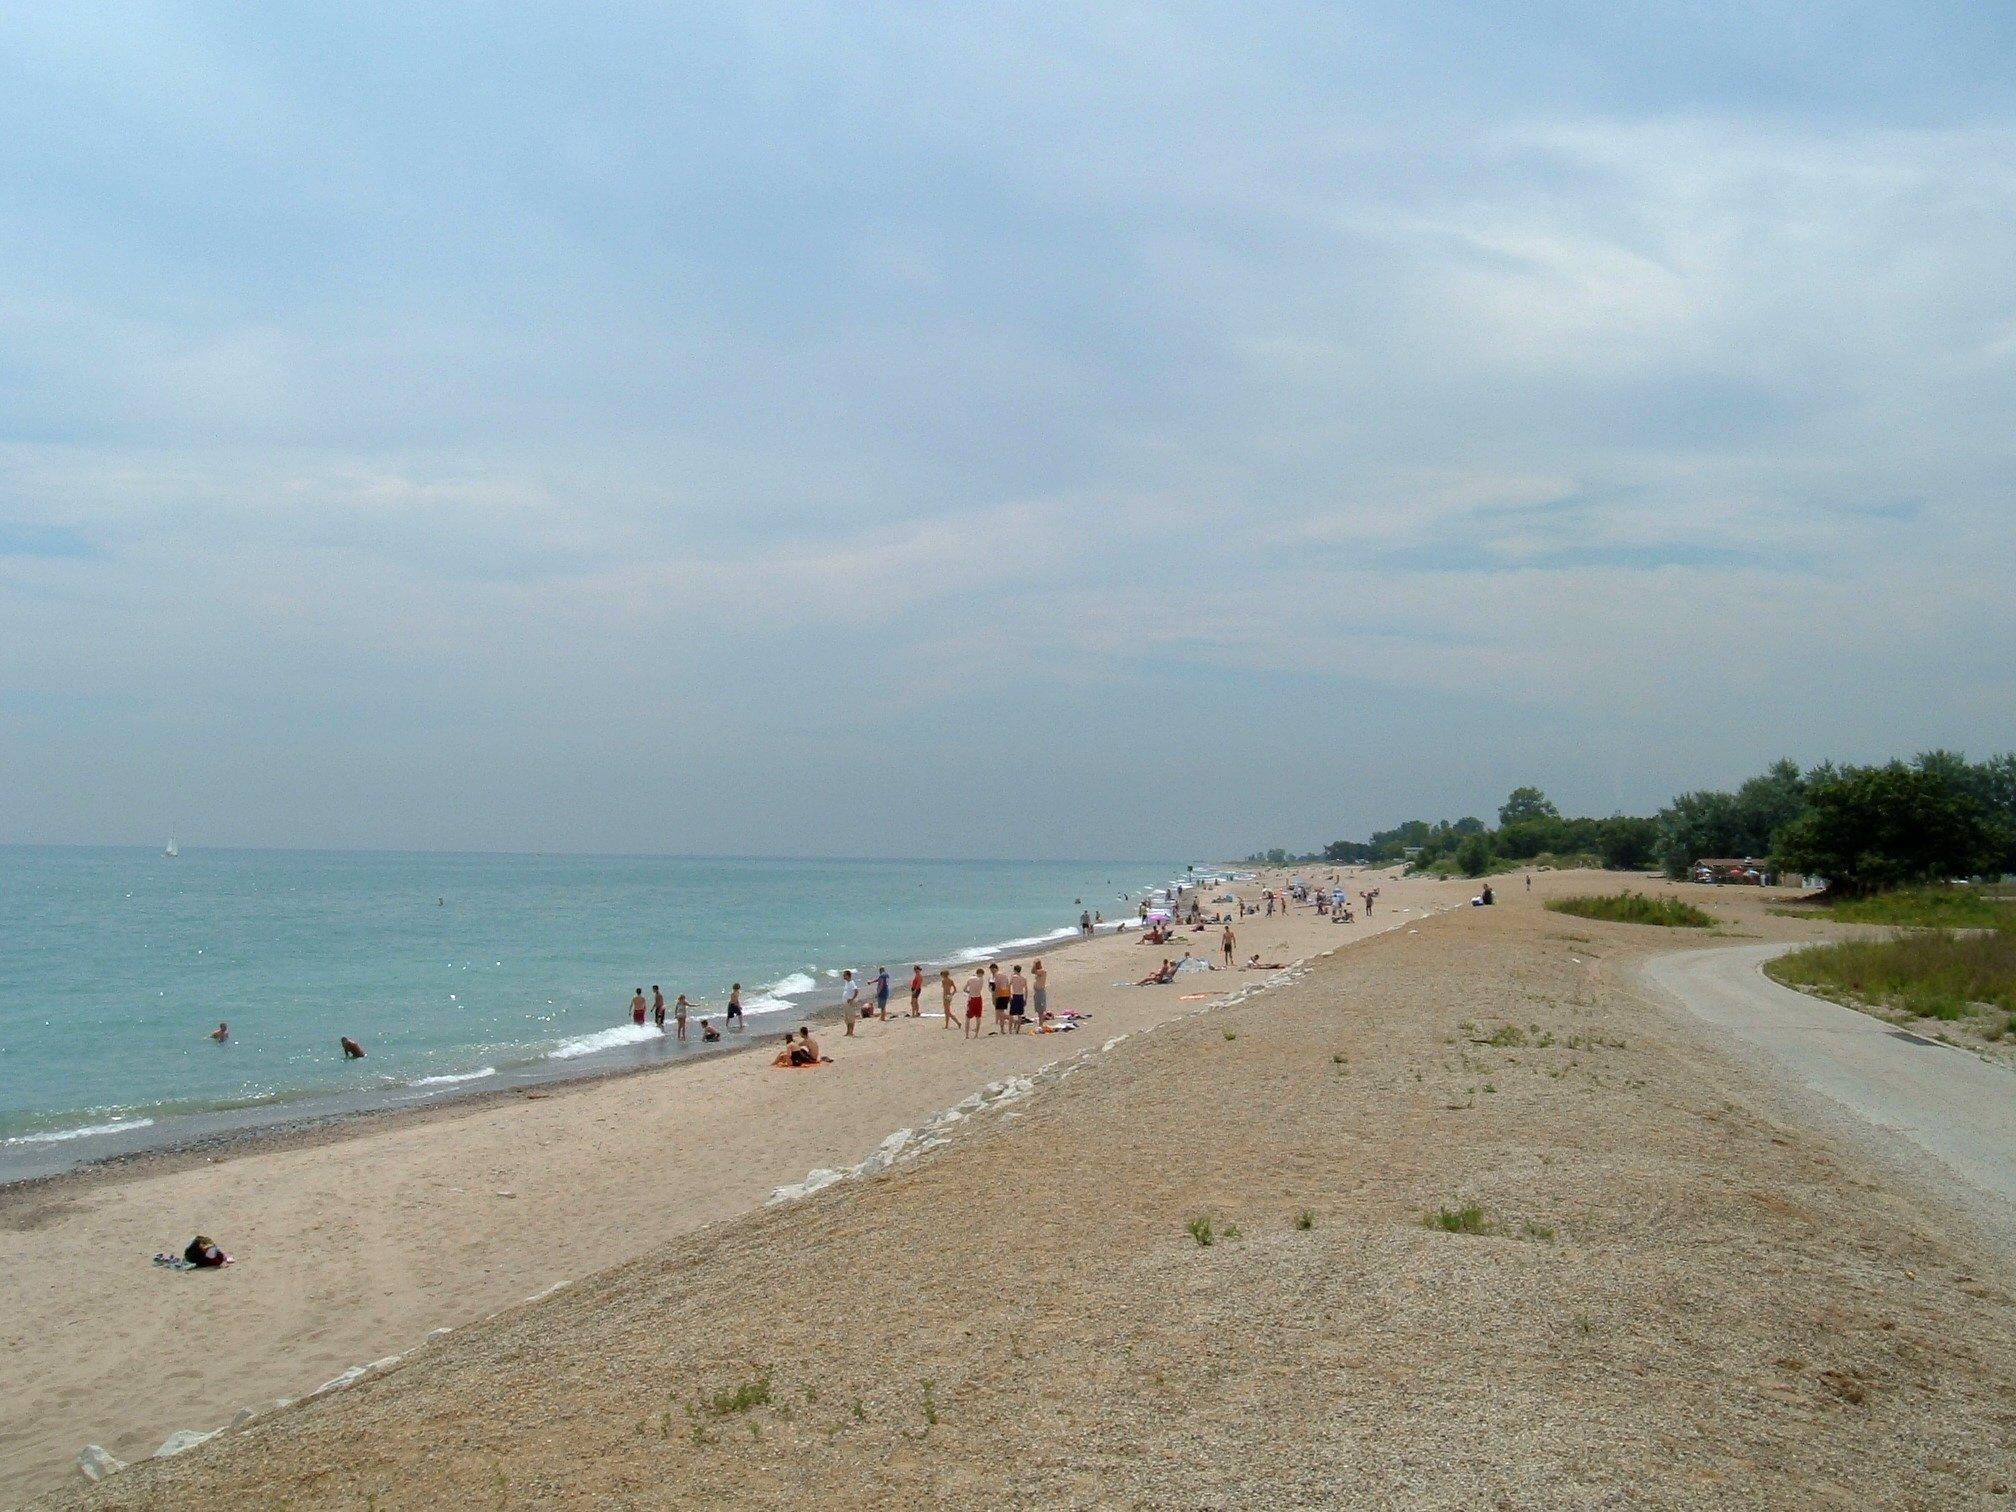 nude beach illinois